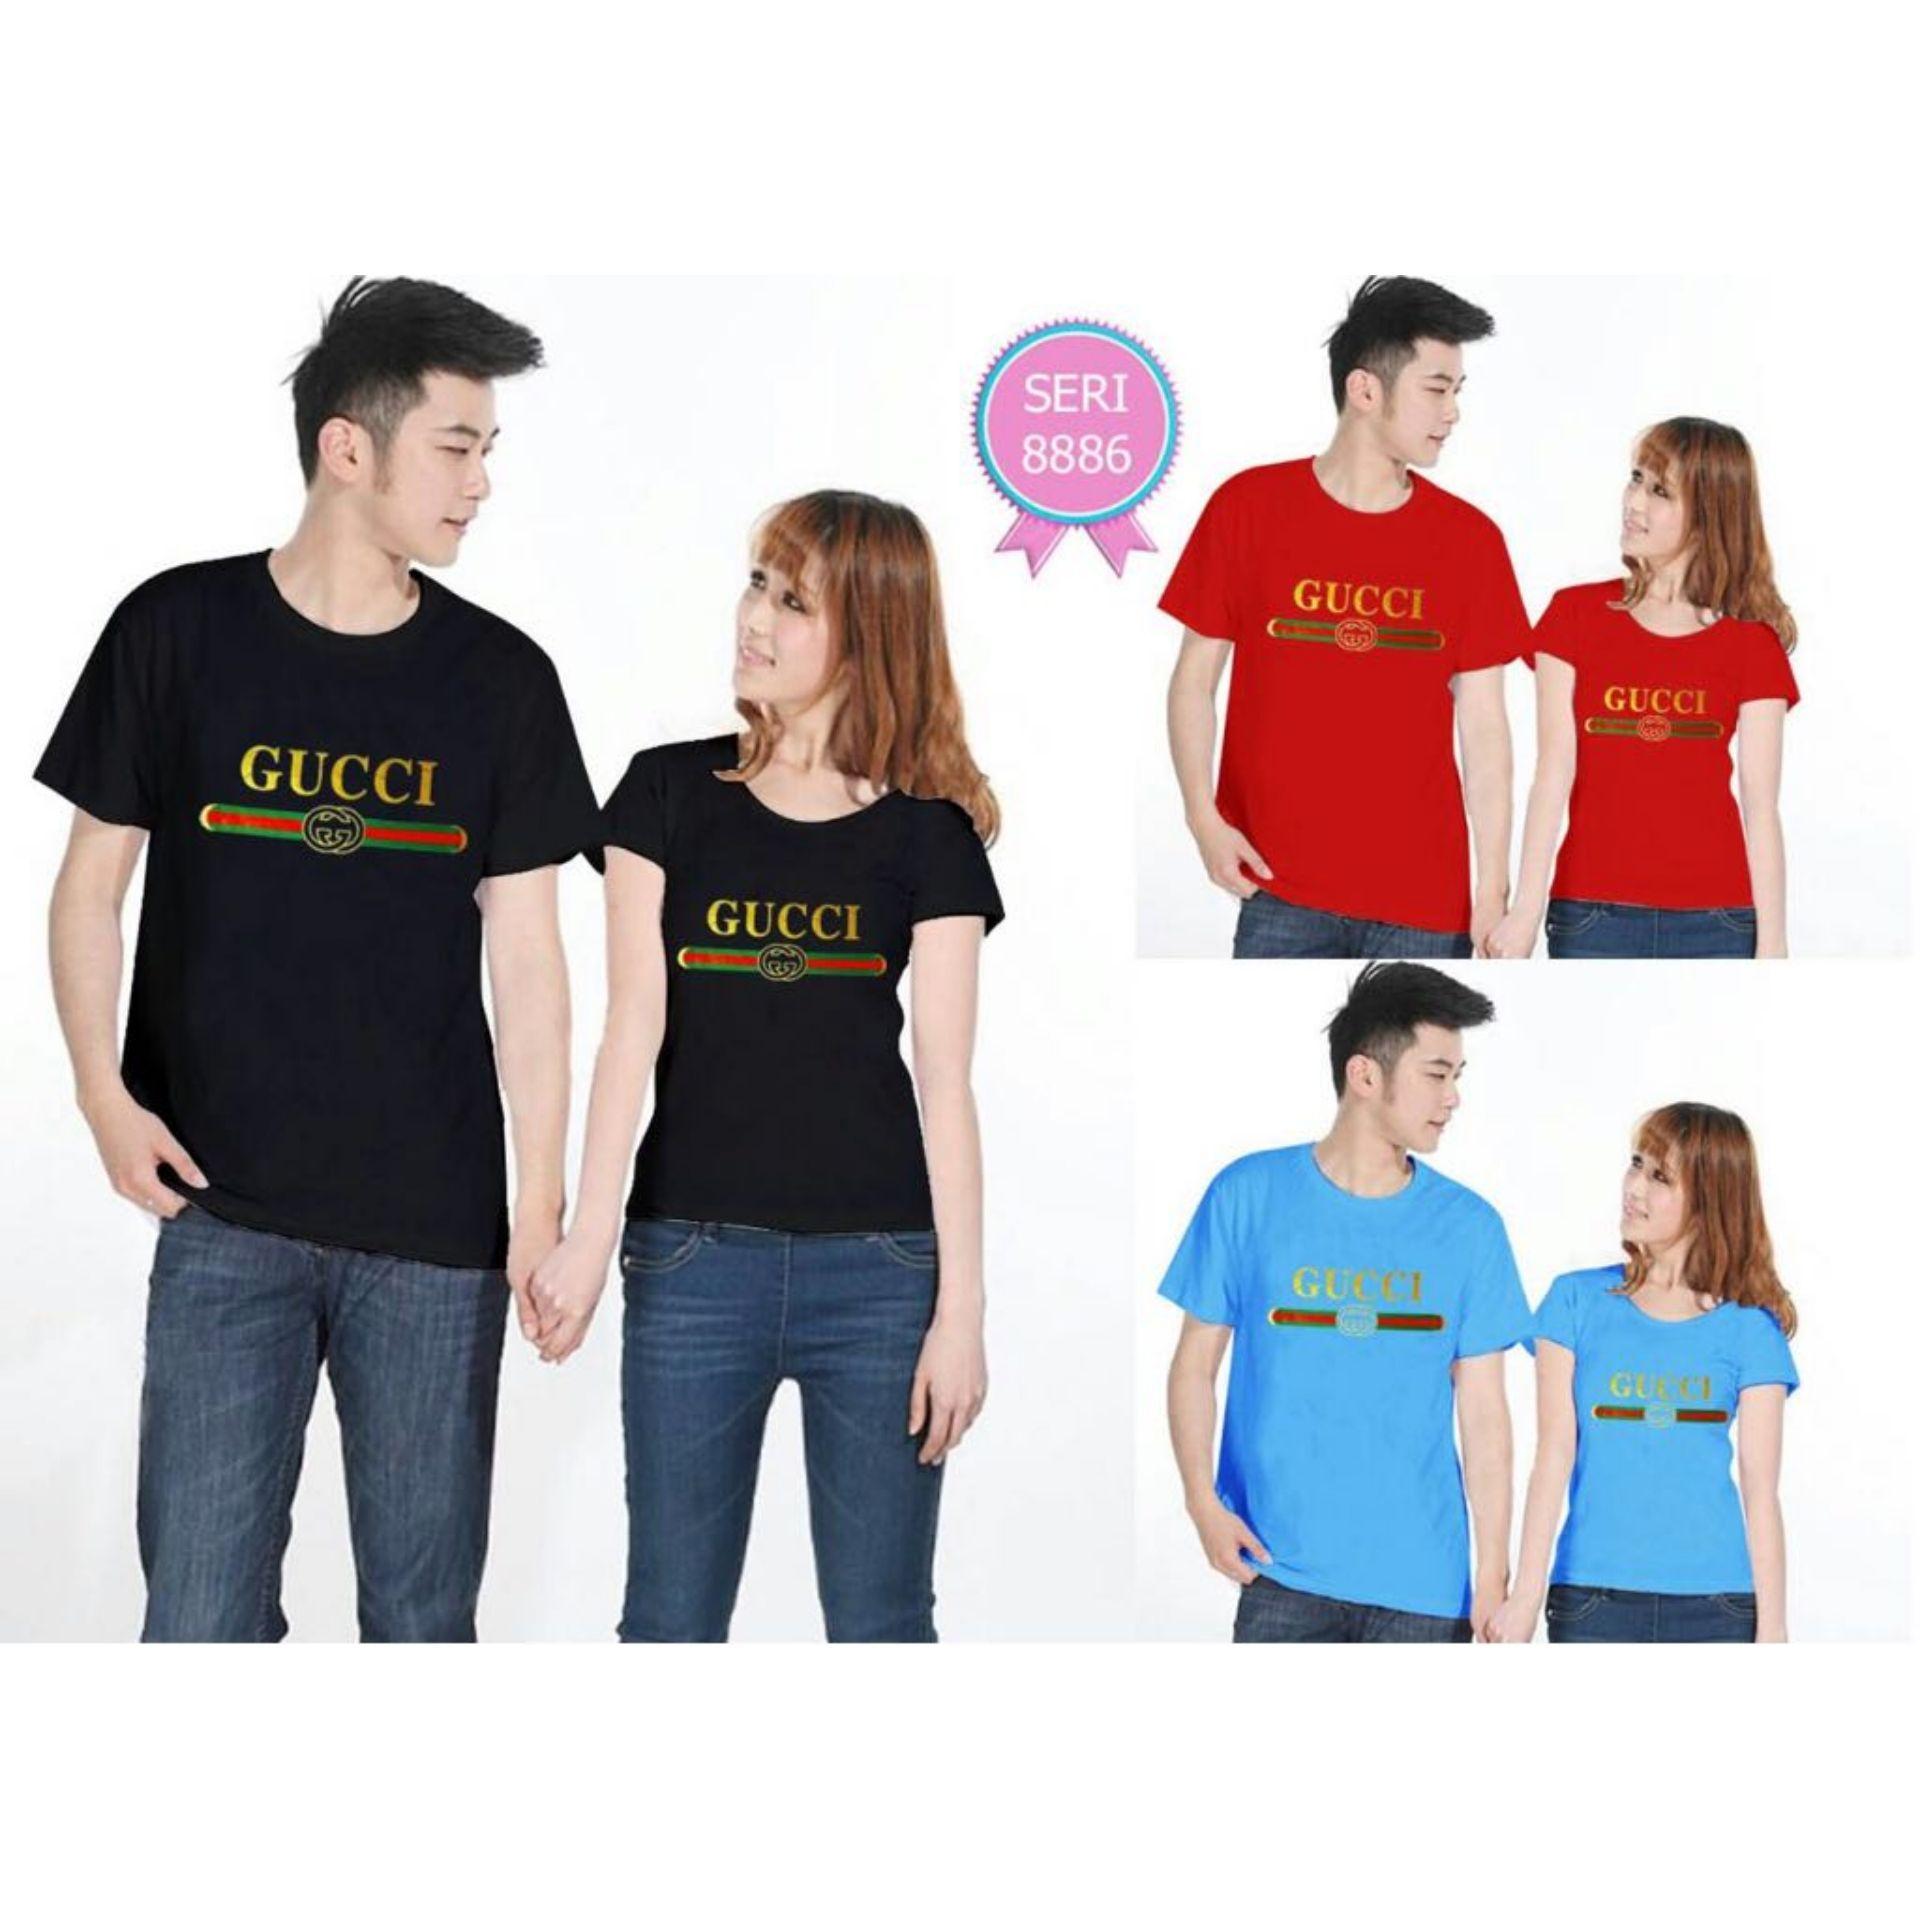 Kaos pendek - kaos oblong - kaos couple - kaos polos - kaos motif - kaos gucci